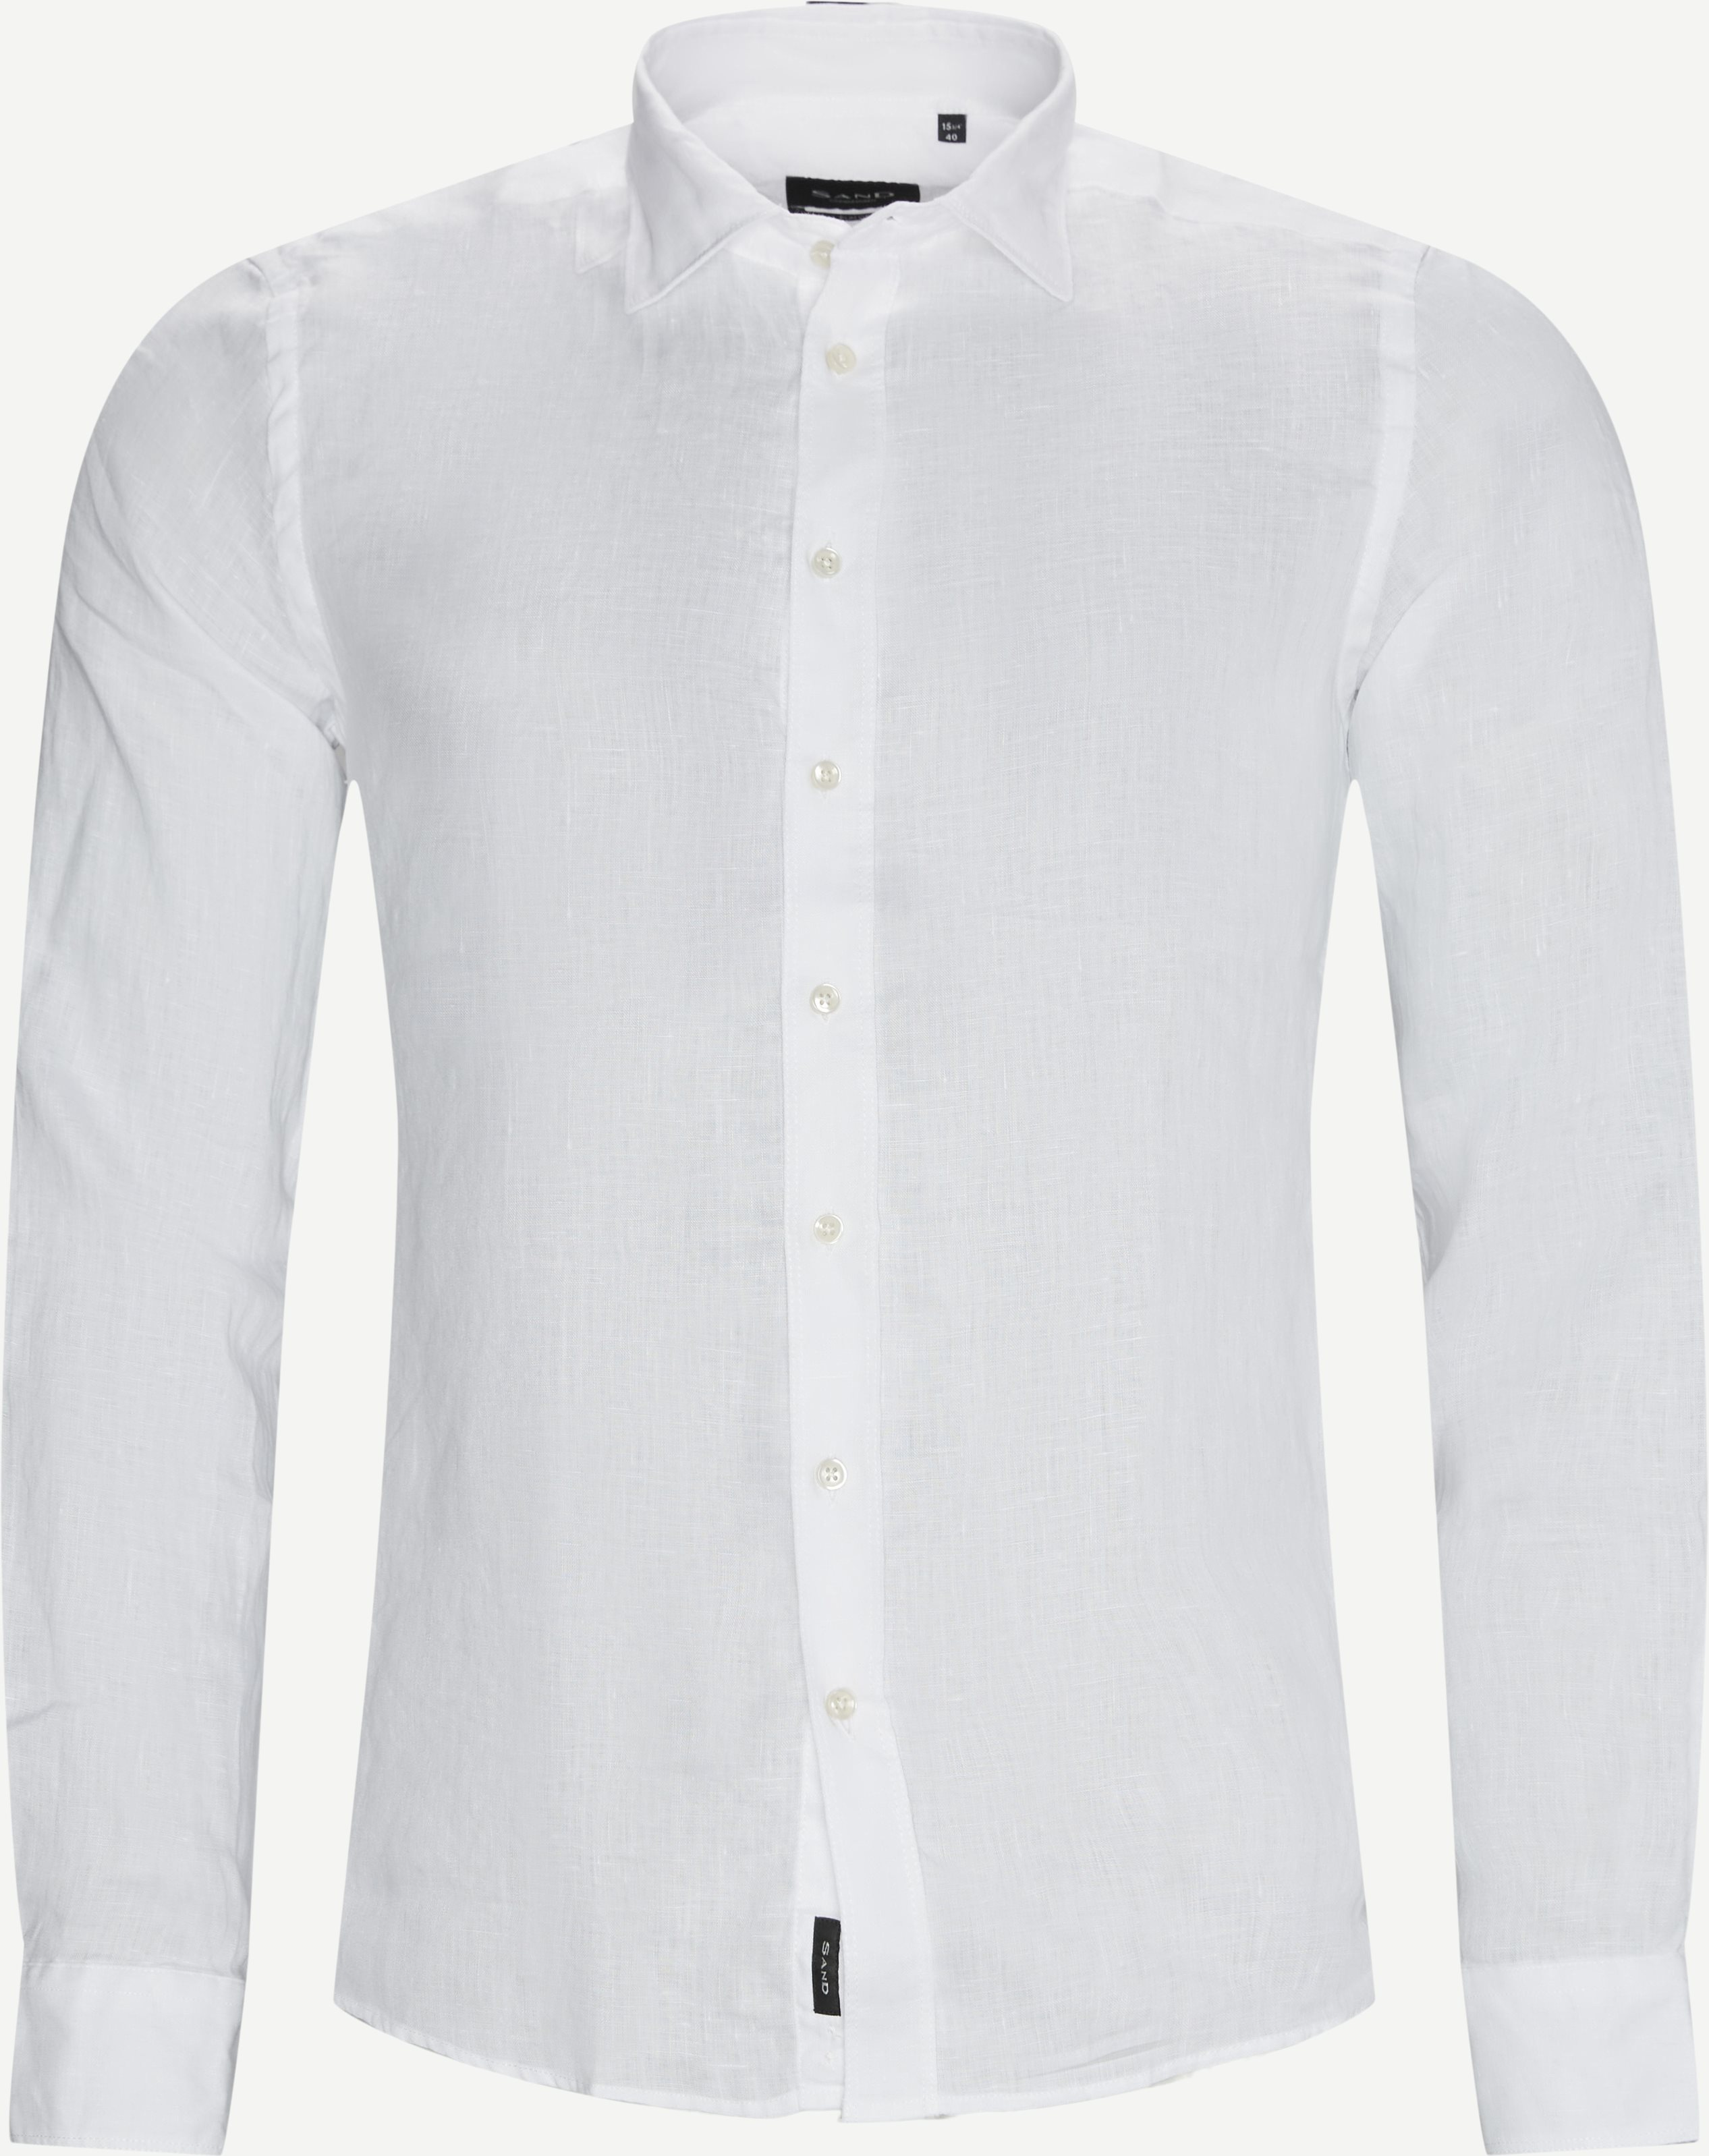 Iver State Skjorte - Skjortor - Slim - Vit